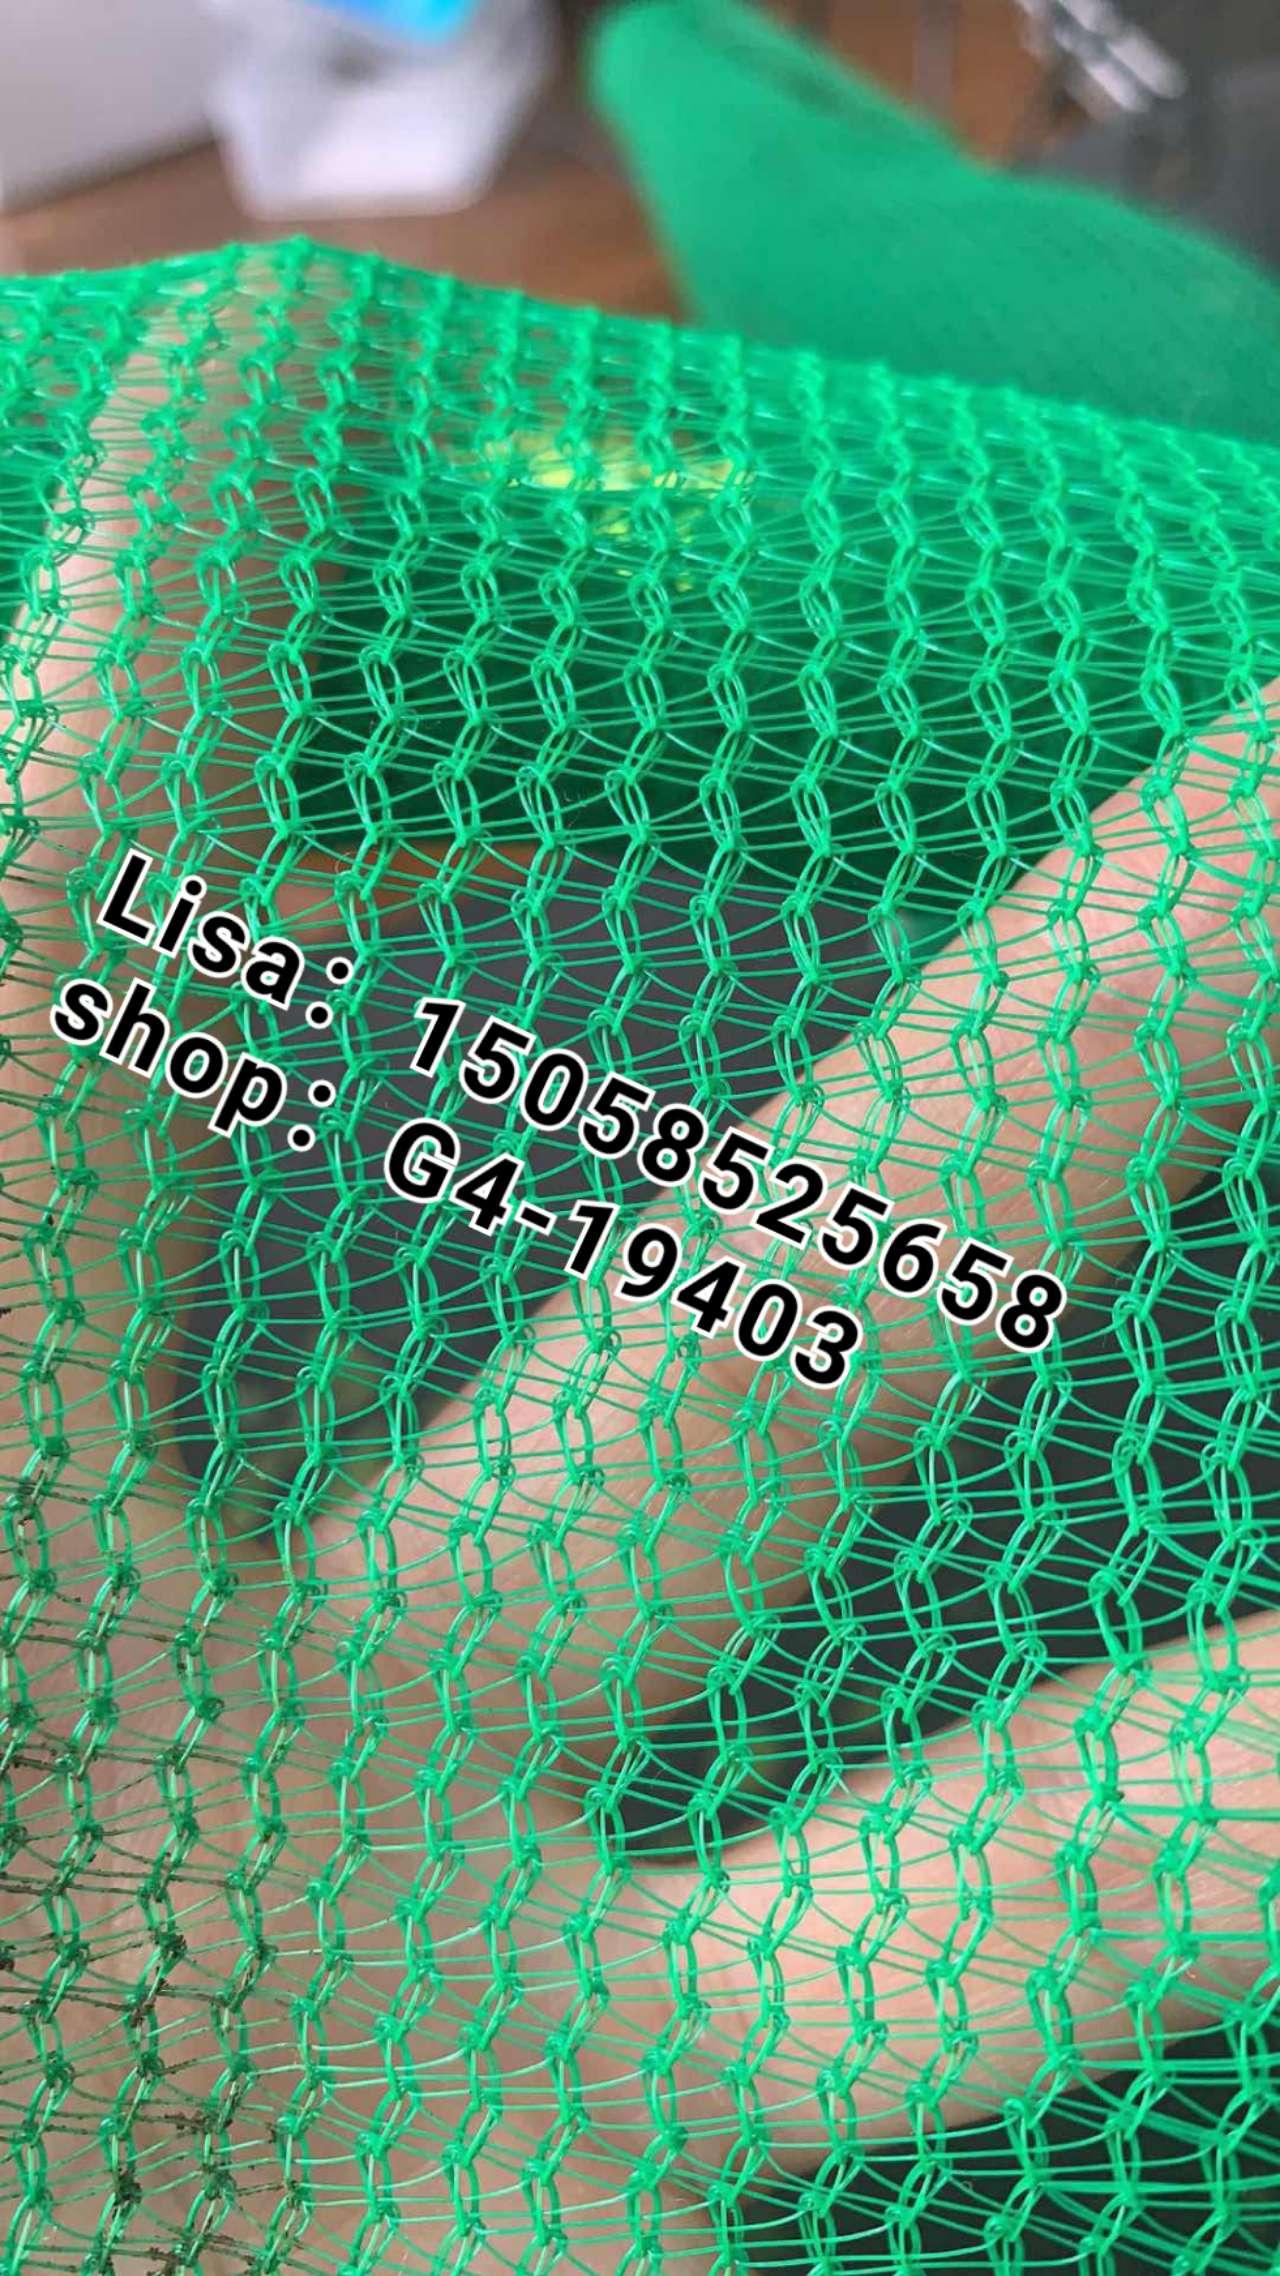 盖土网 遮阳网 安全网 绿色遮阳网 防护网